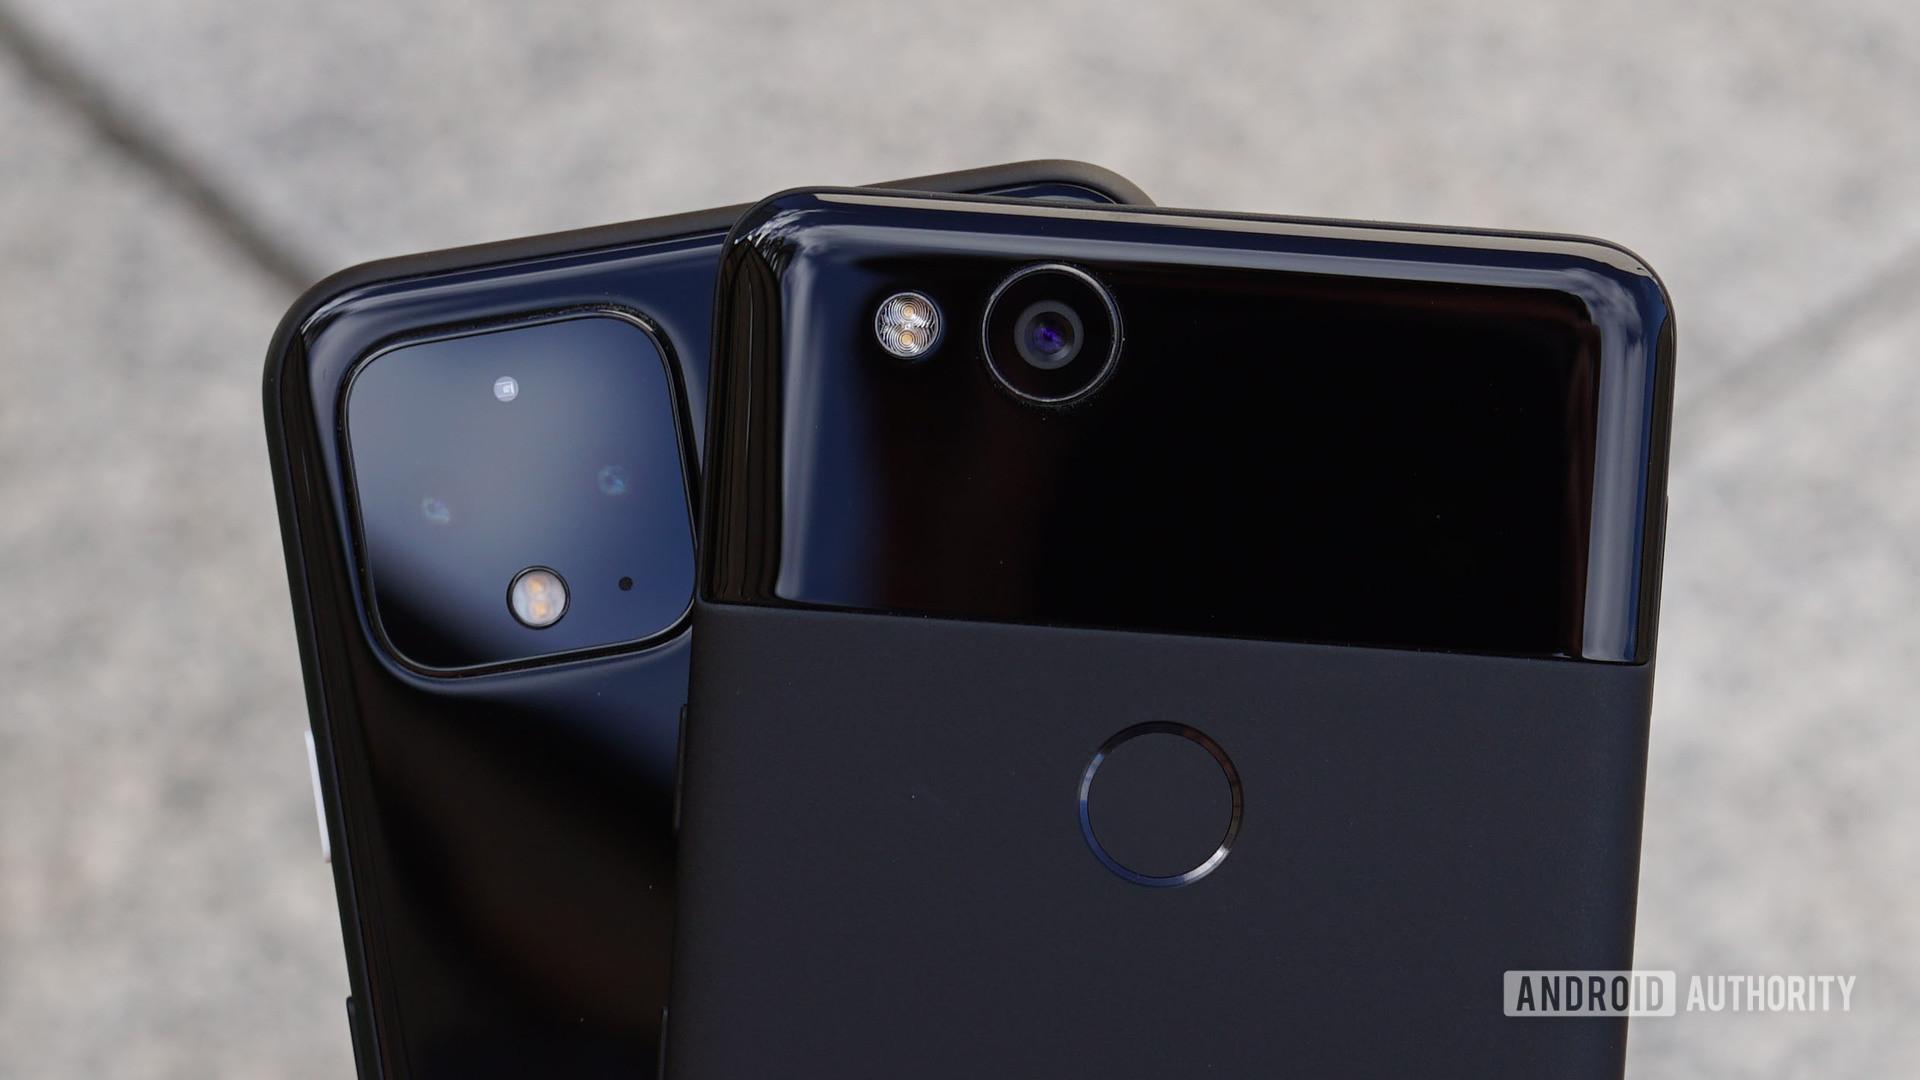 Google Pixel 2 vs Pixel 4 camera